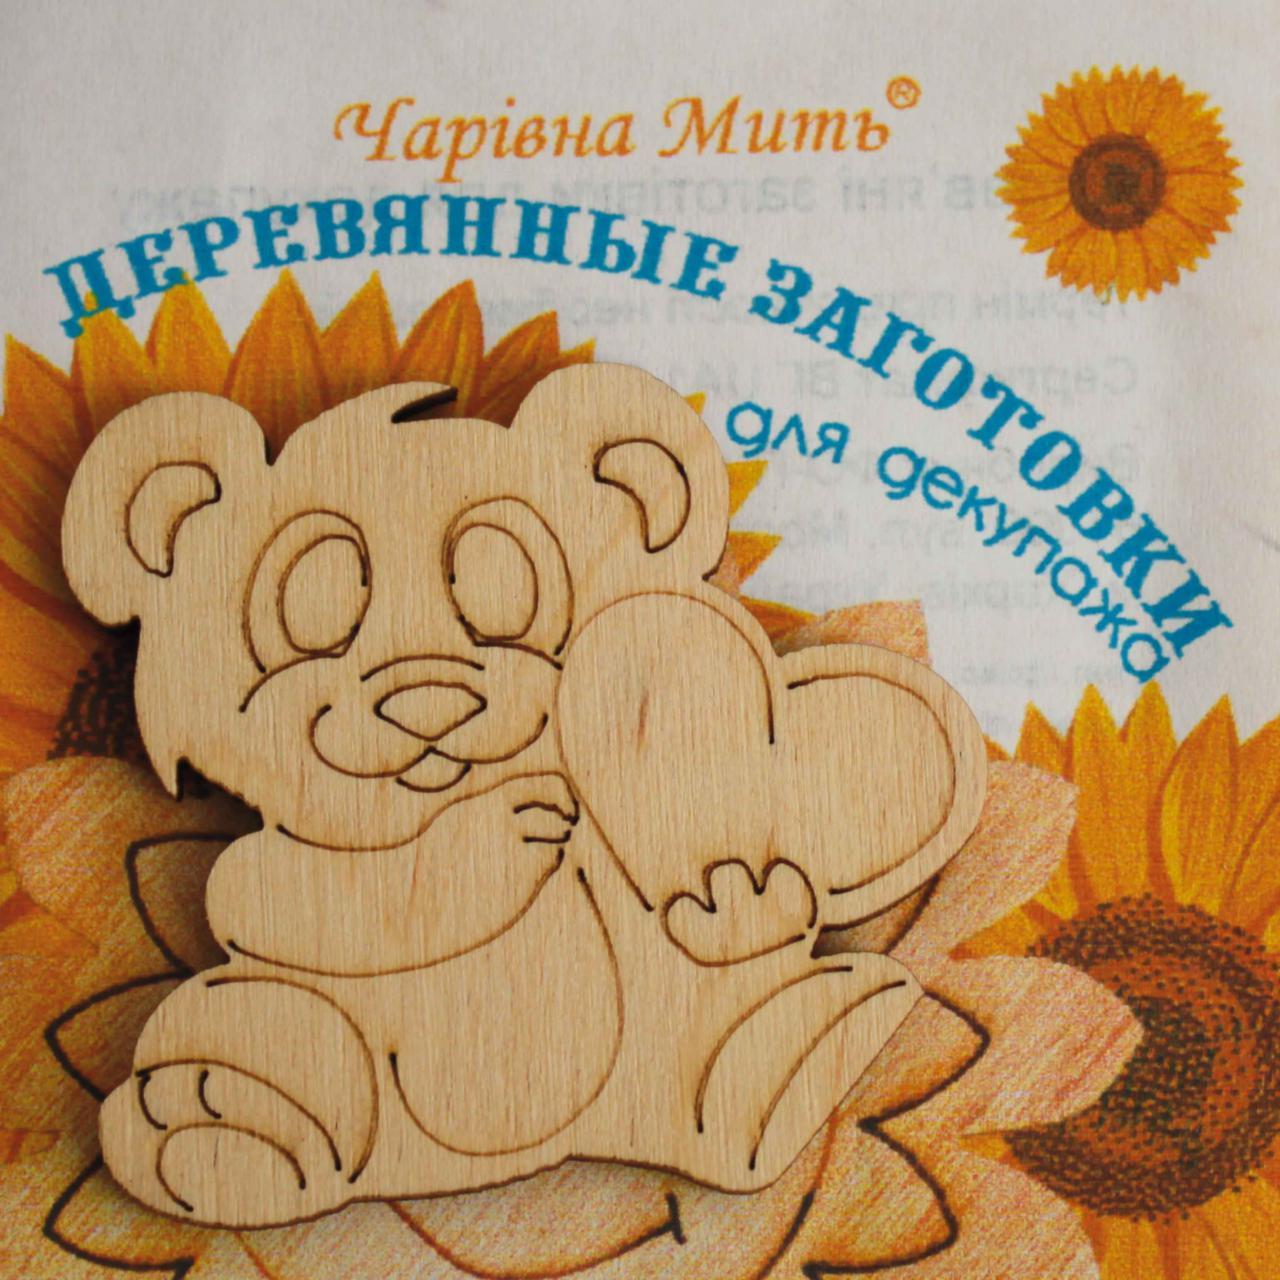 Заготовка из фанеры МИШКА, 5х5 см